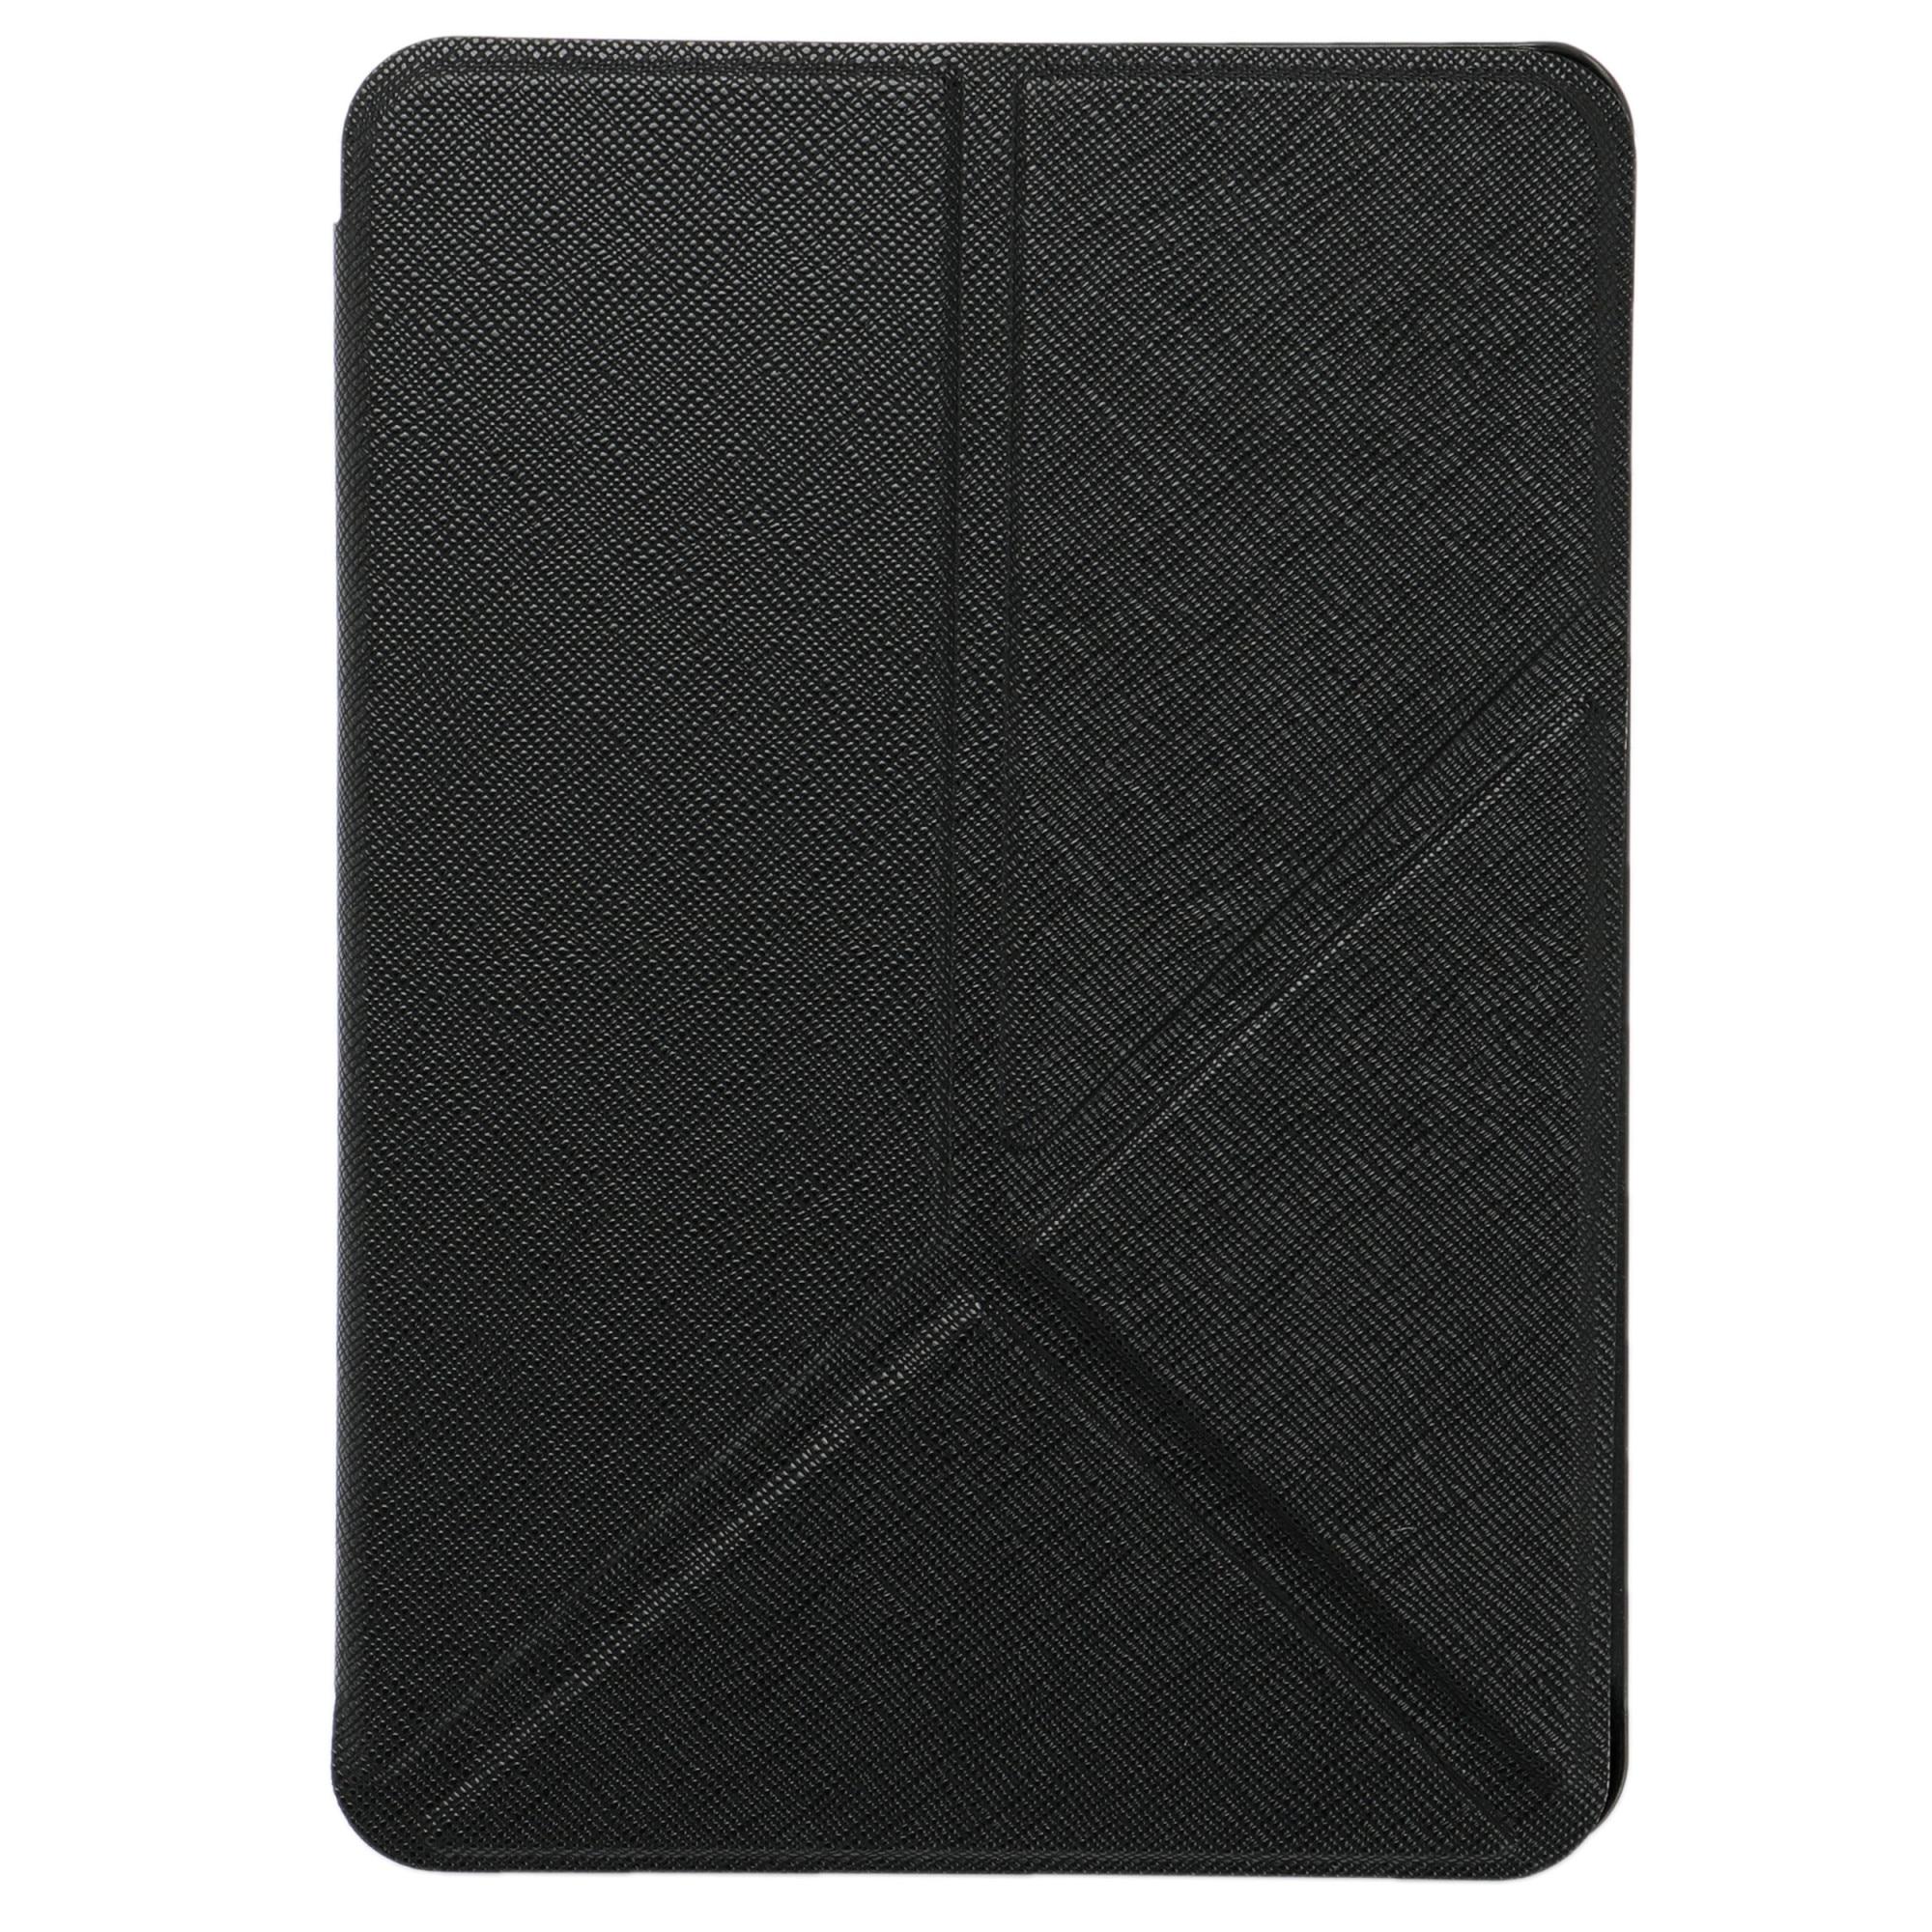 Fotografie Husa de protectie A+ Slim pentru Kindle Paperwhite ( 10th Generation-2018) origami, Negru